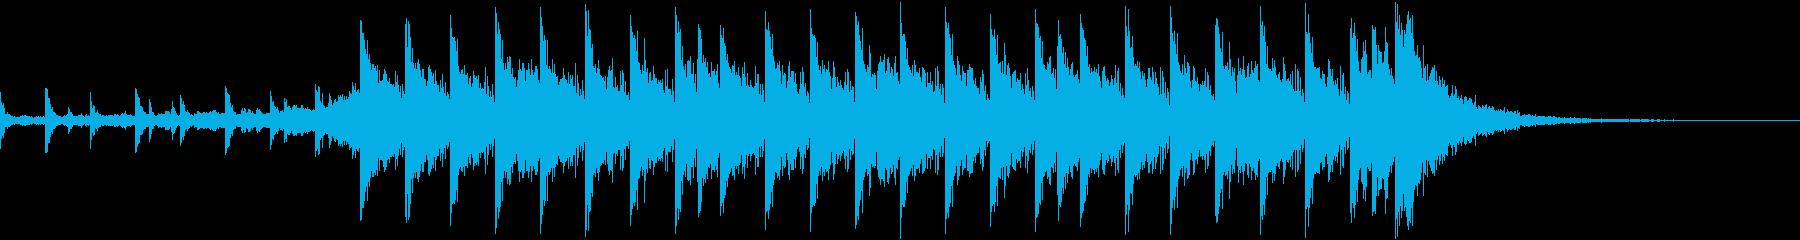 和EDM-YouTube終了画面用に-の再生済みの波形